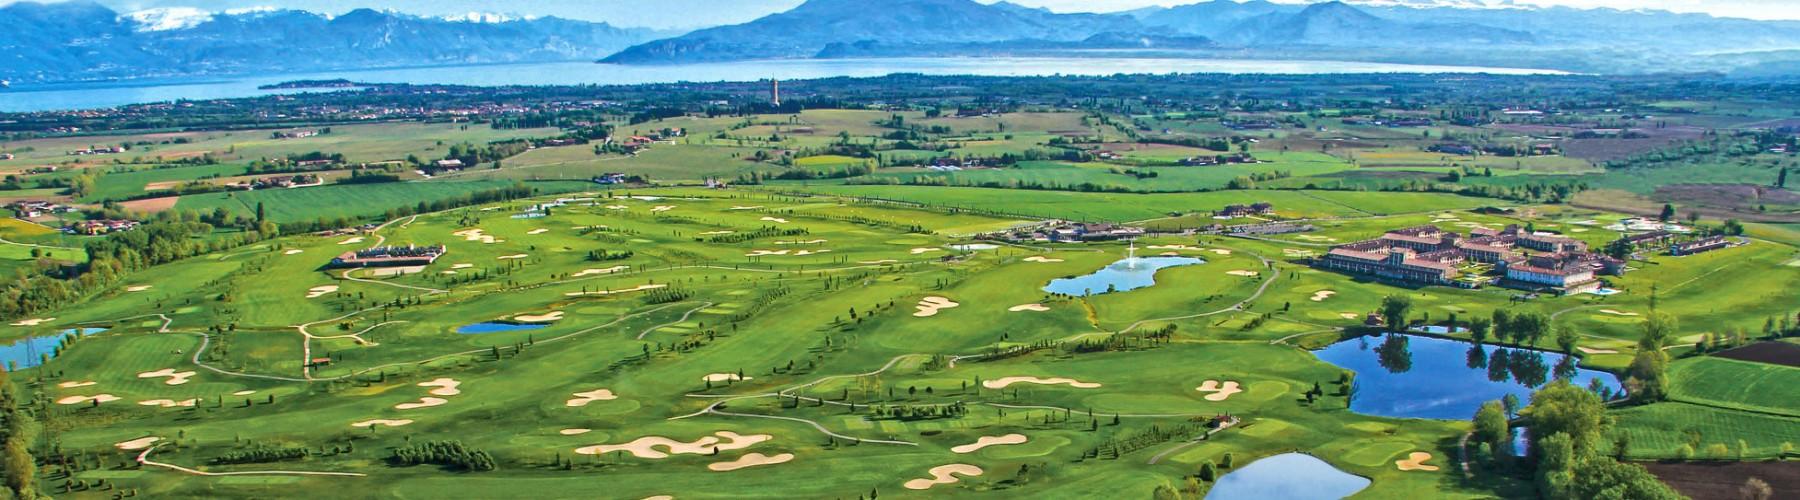 22+ Chervo golf hotel italy information